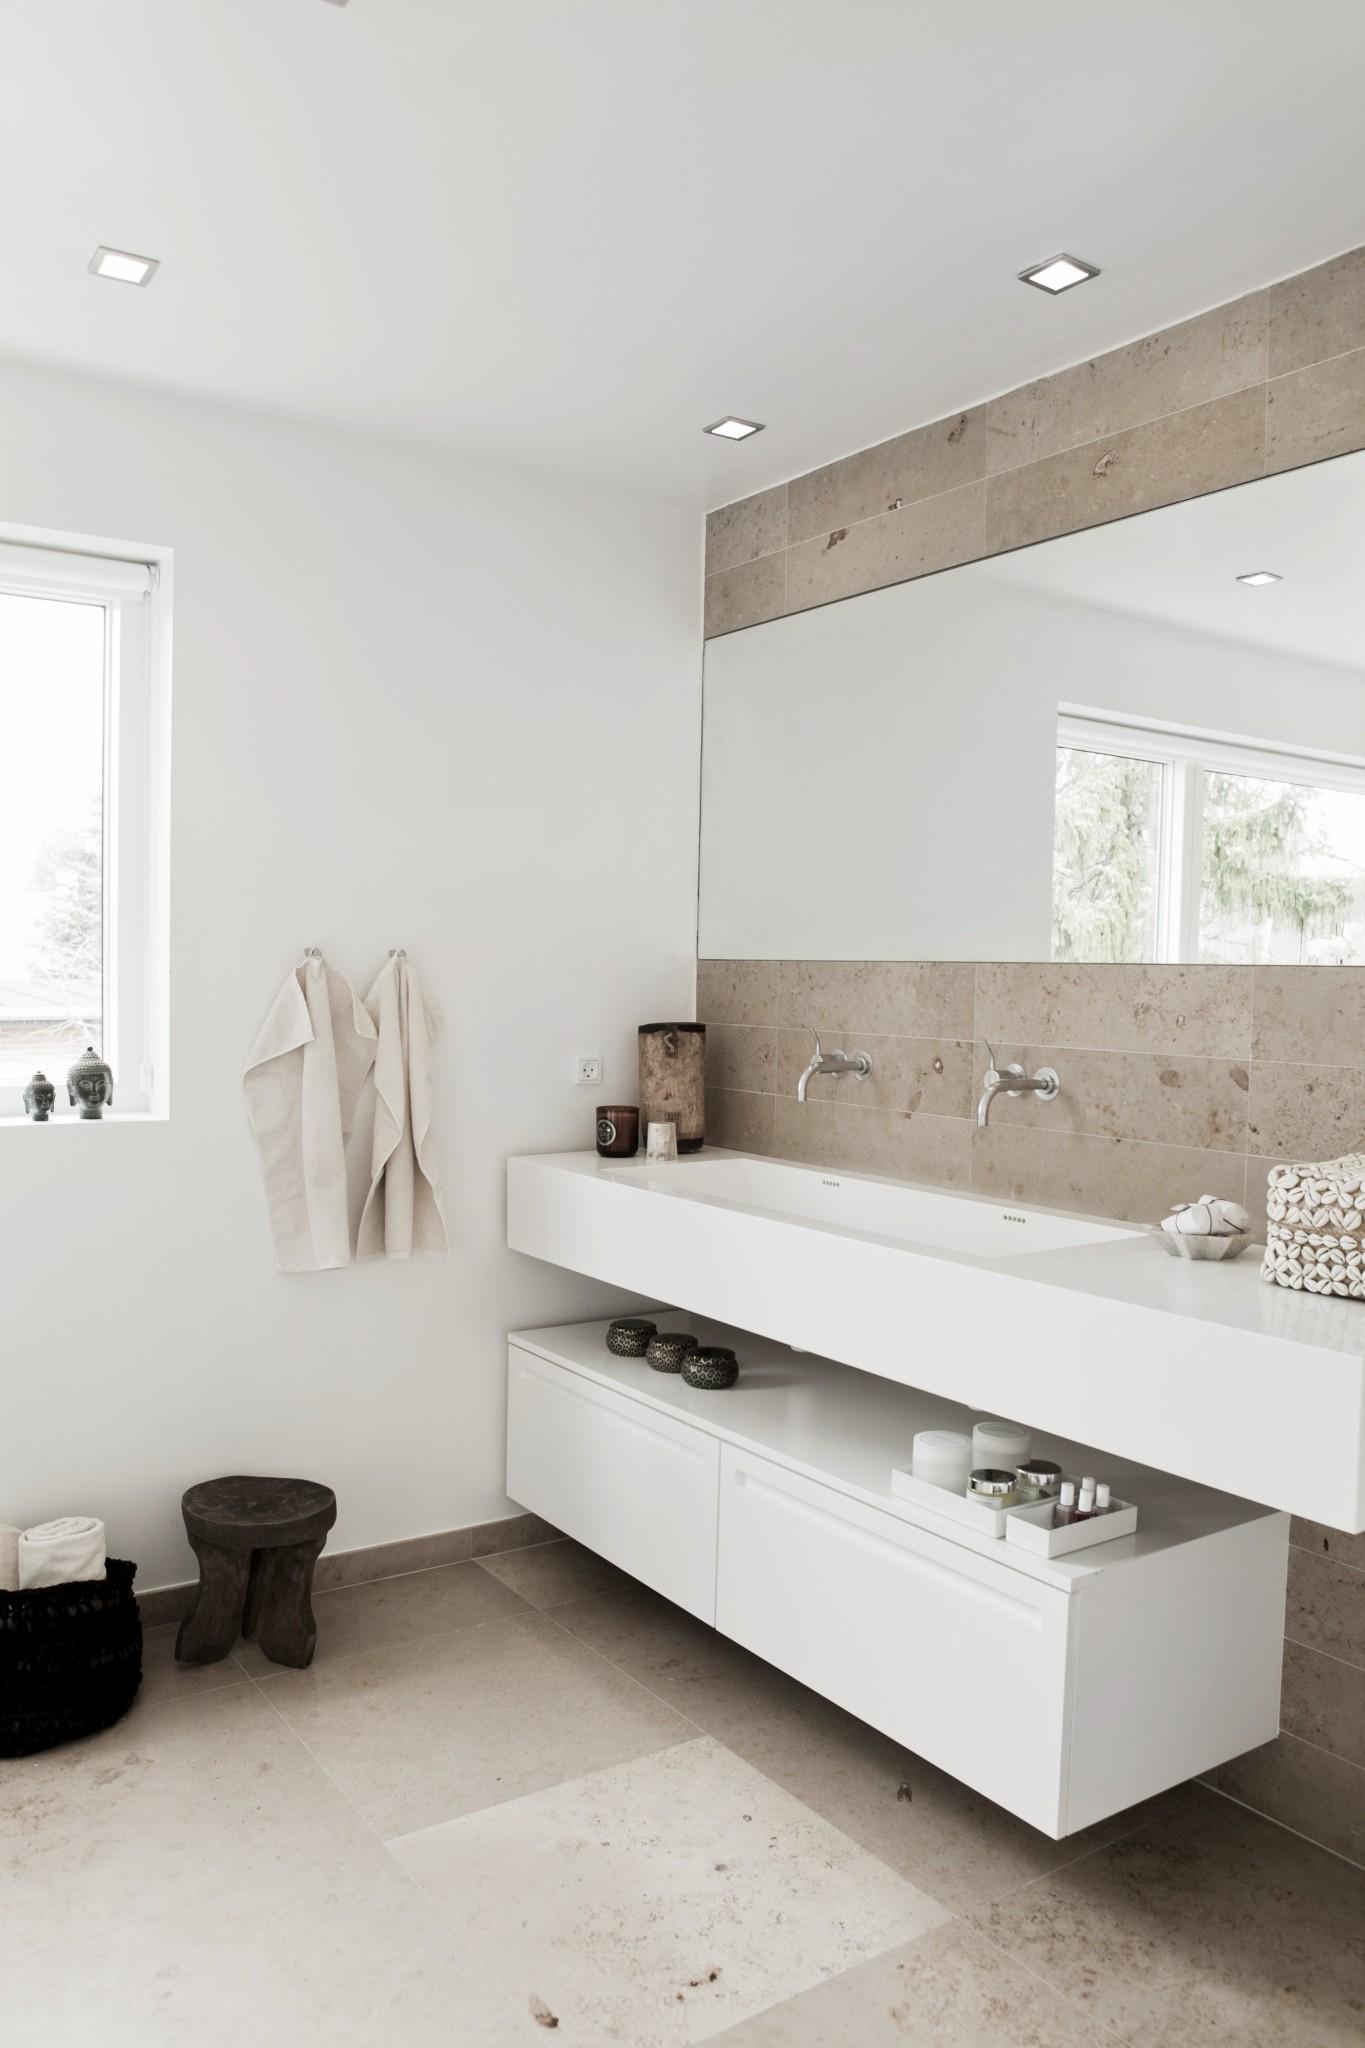 Kolding Køkken & Badcenter har Kolding største badeværelses udstilling